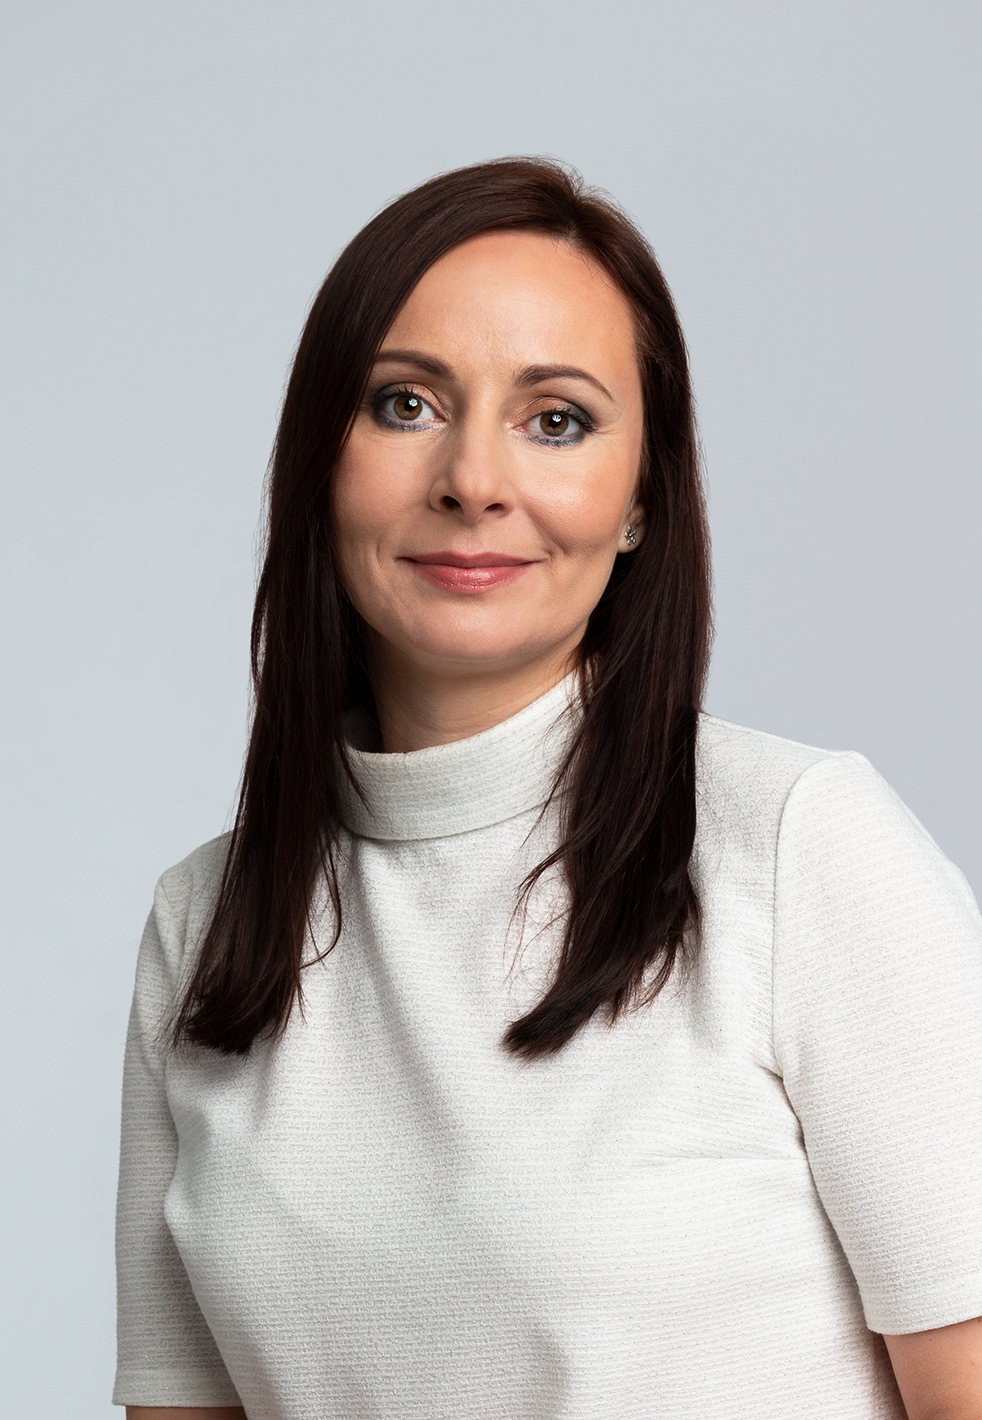 Małgorzata Karlic